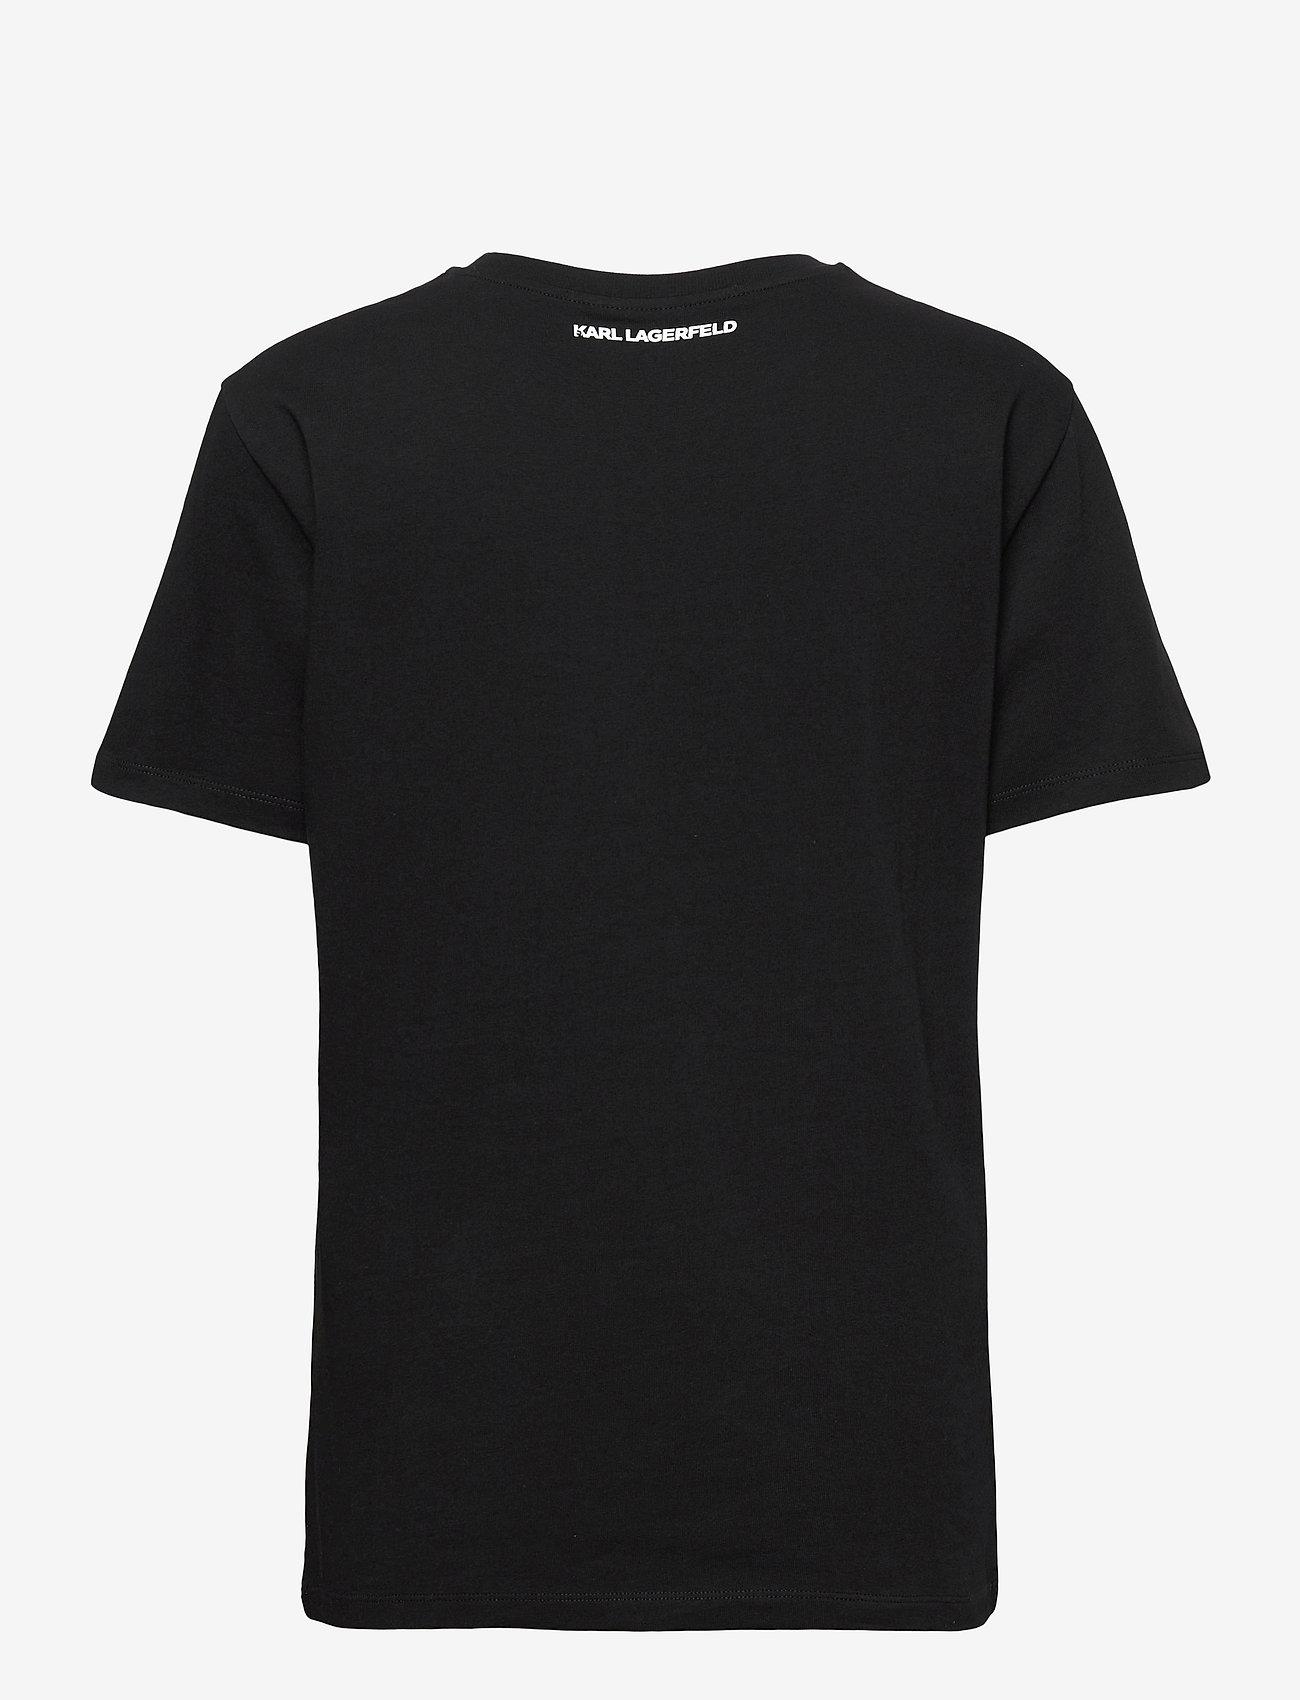 Karl Lagerfeld - karl essential logo t-shirt - t-shirts - black - 1